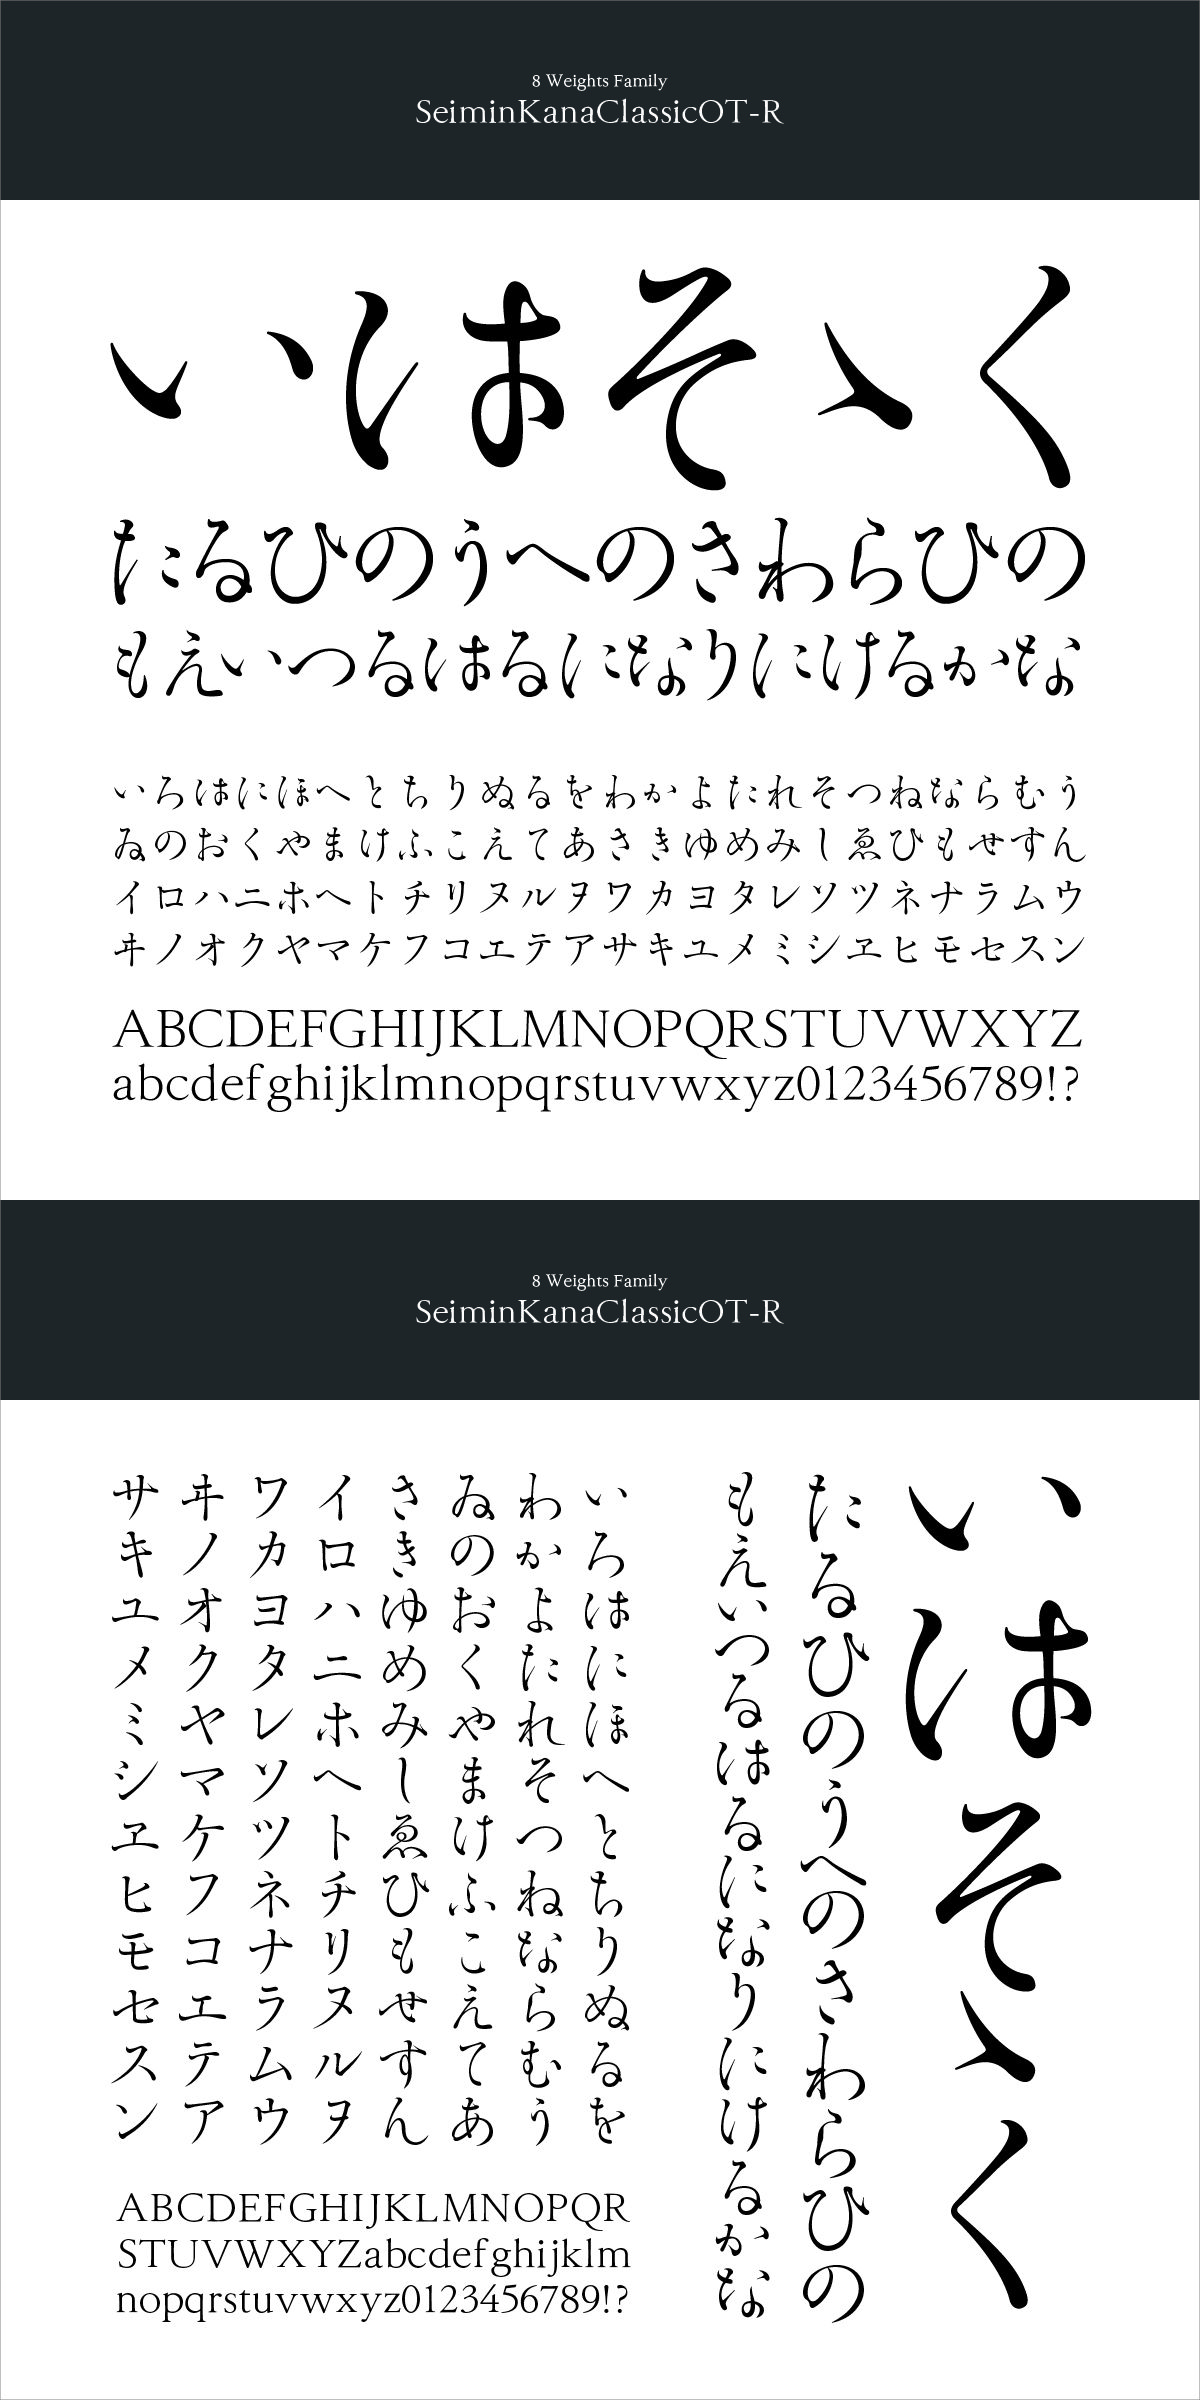 勢蓮明朝仮名classicot R フォント タイポグラフィ 書体